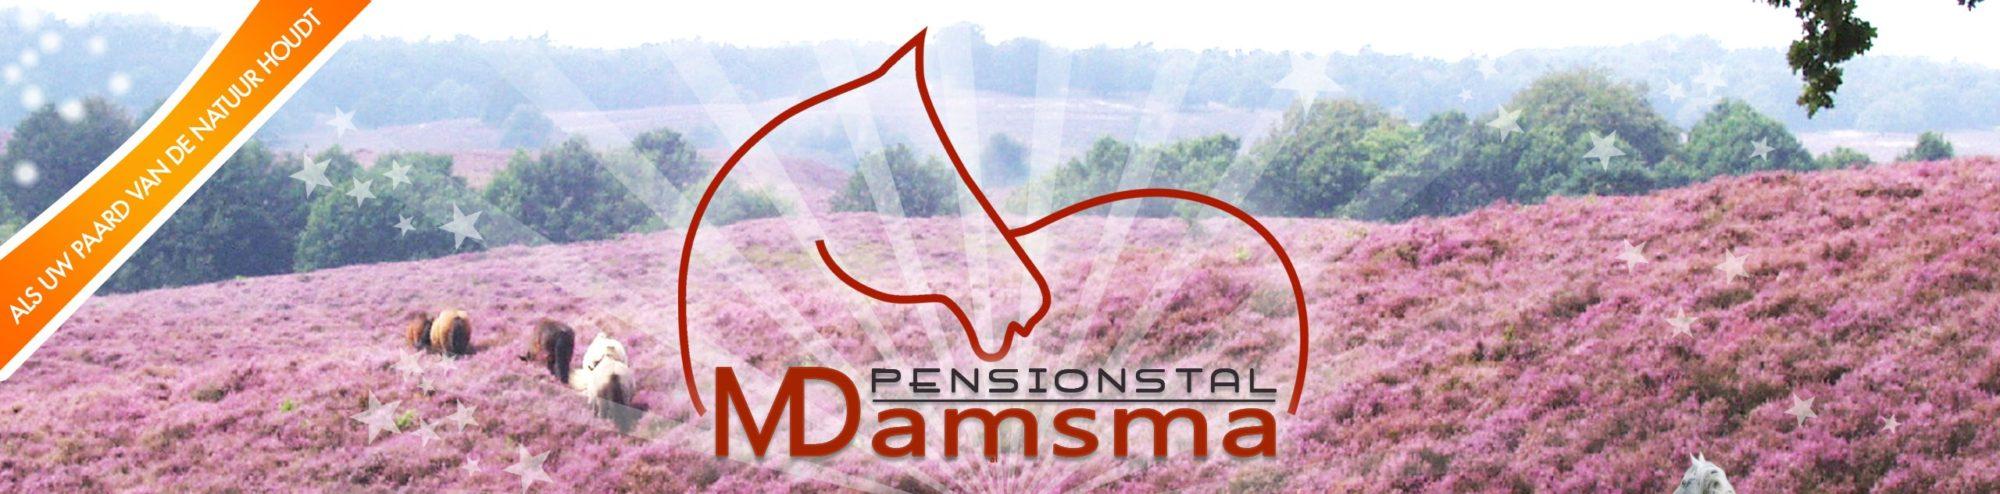 Pensionstal Mdamsma